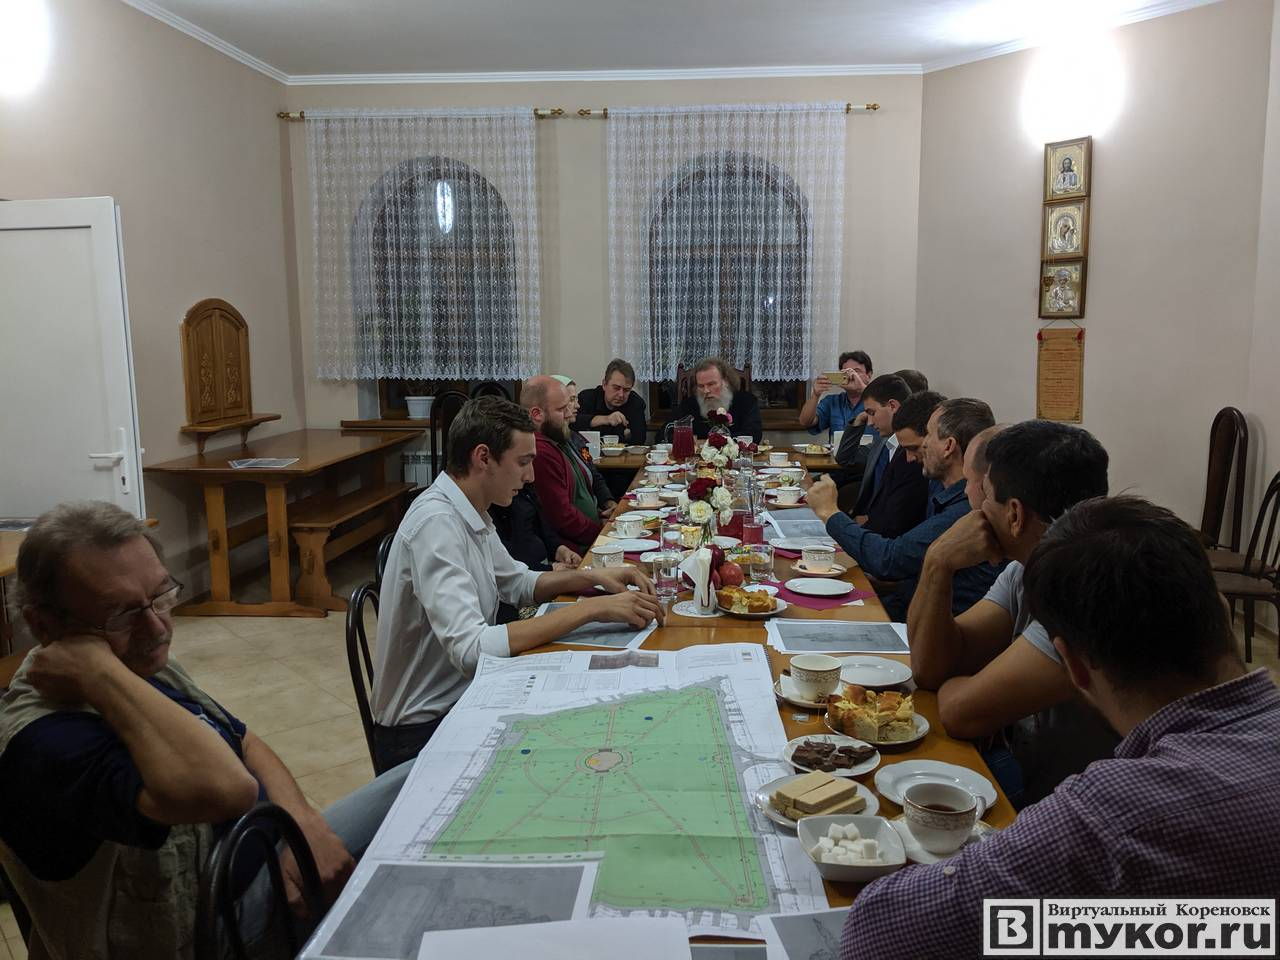 Заседание контактной группы по проекту сквера Вечной памяти в Кореновске